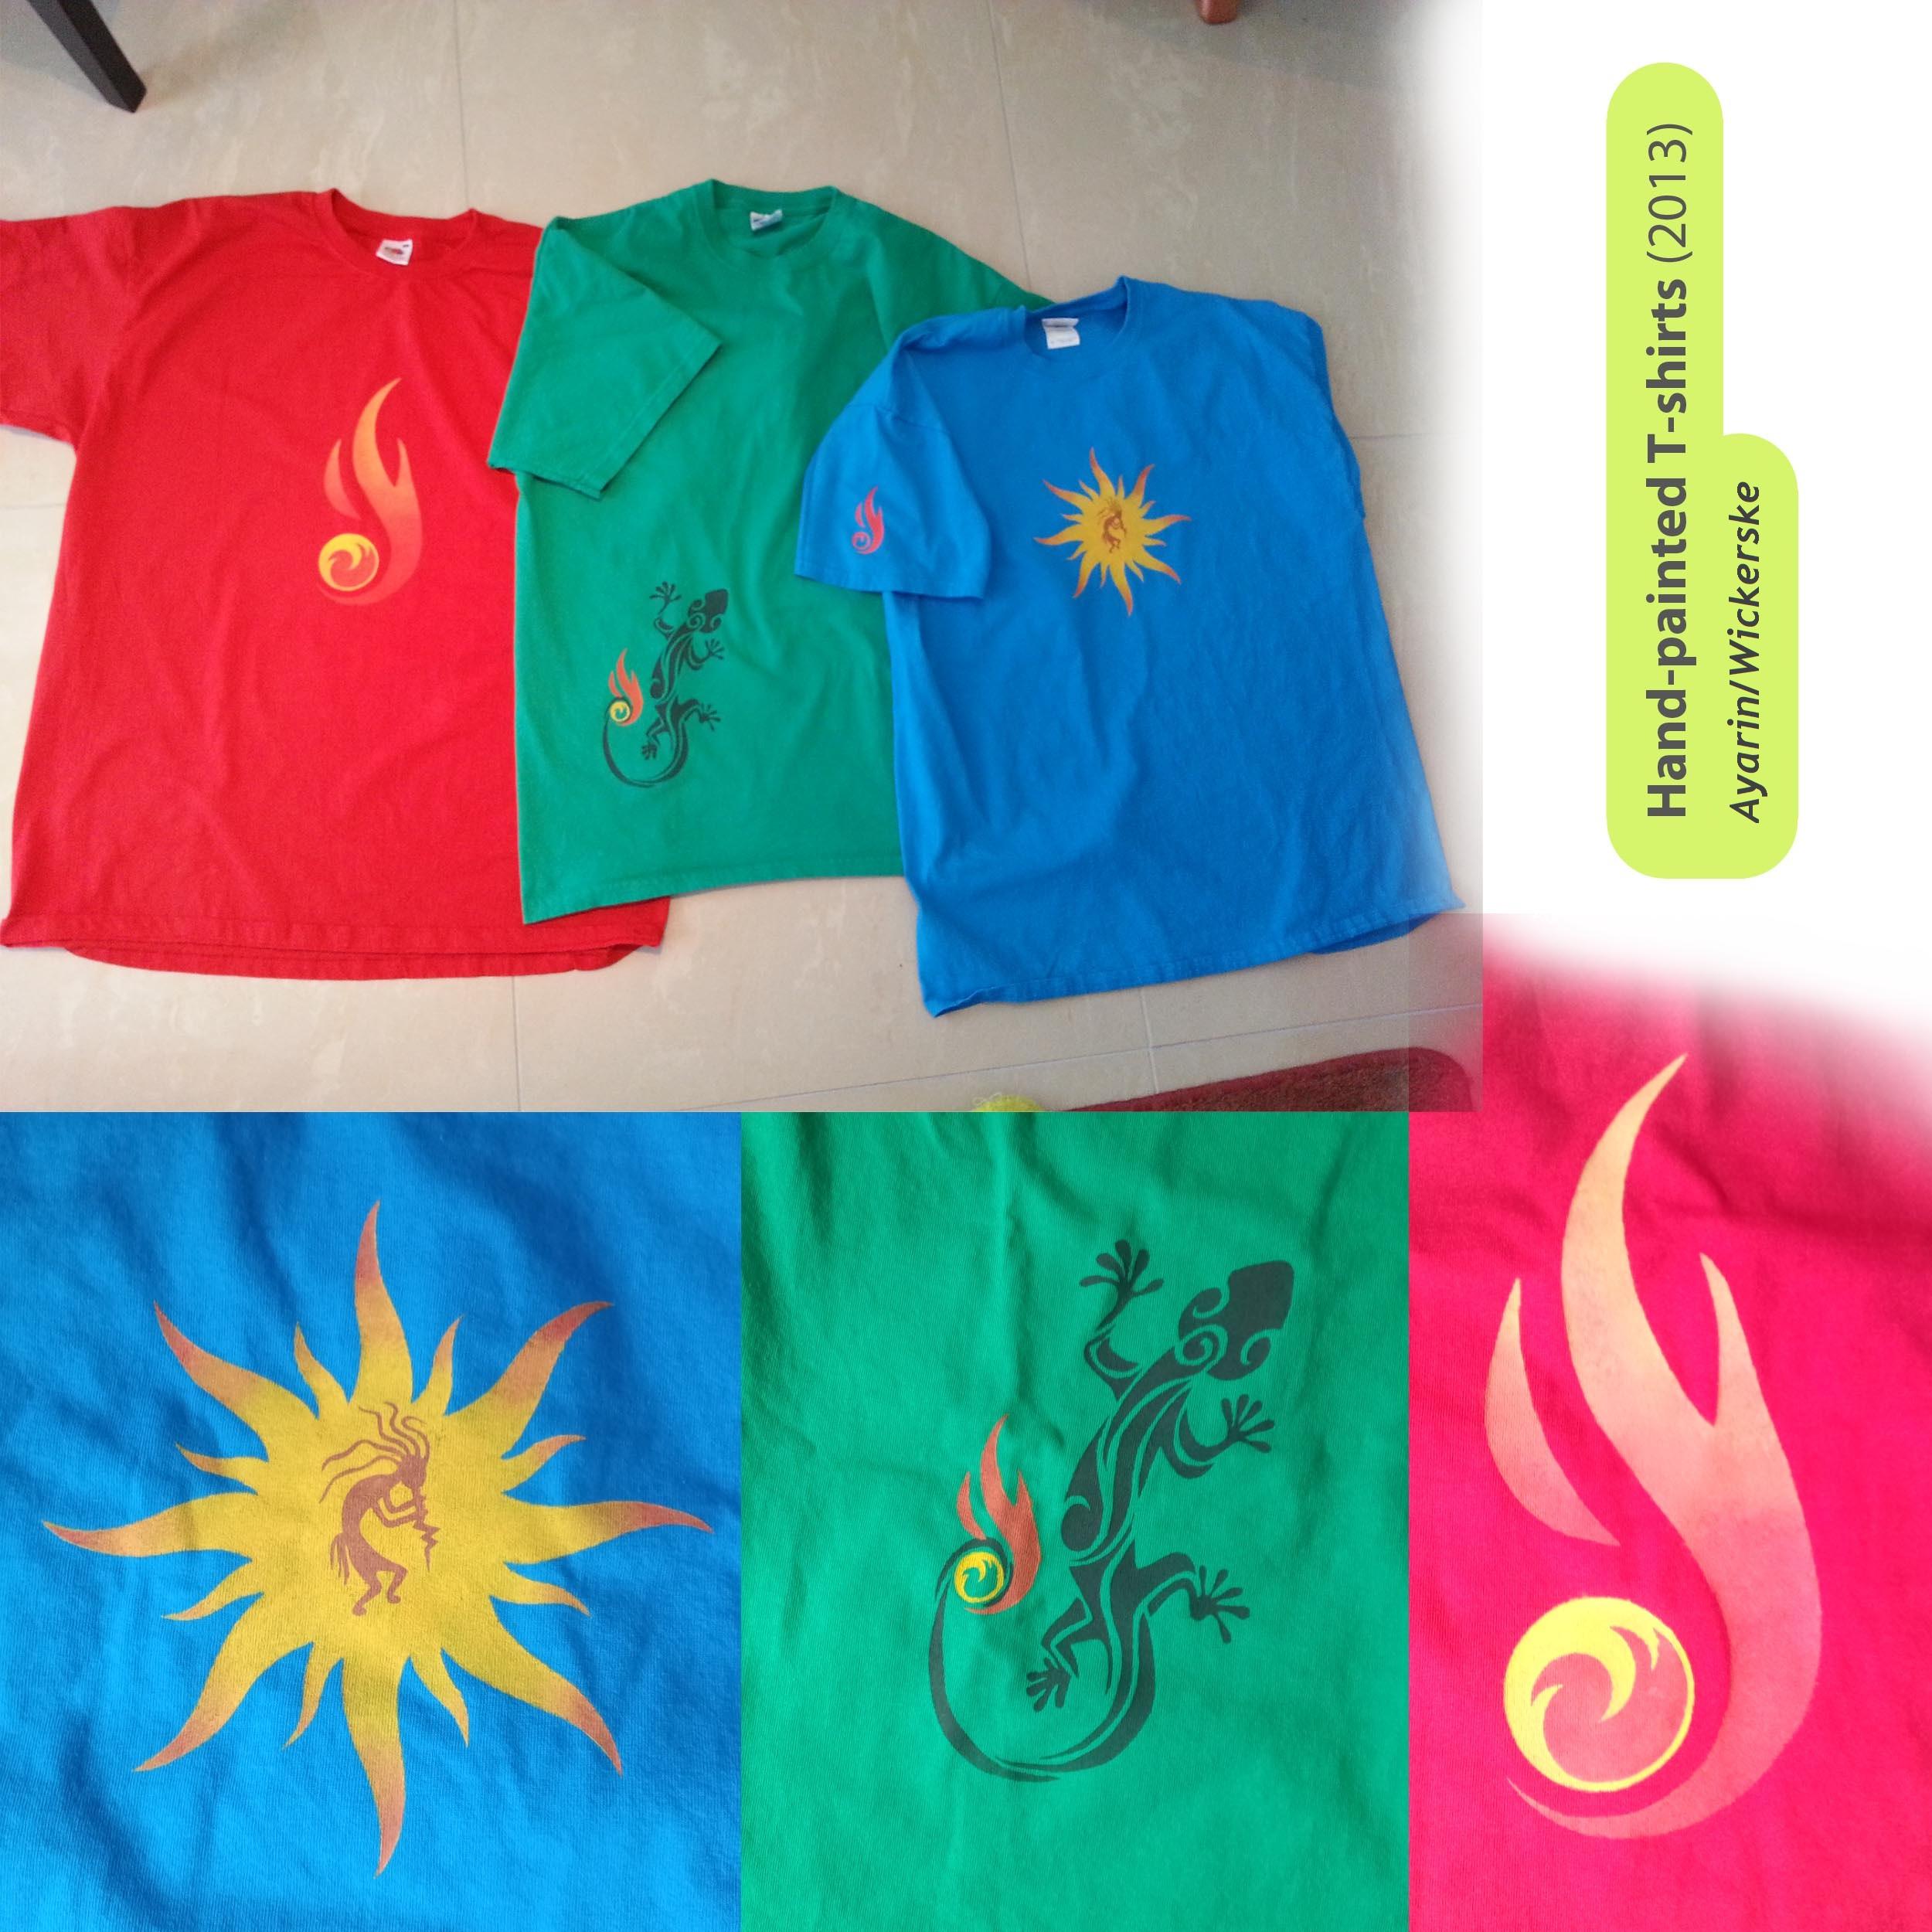 RGB shirts (2013)